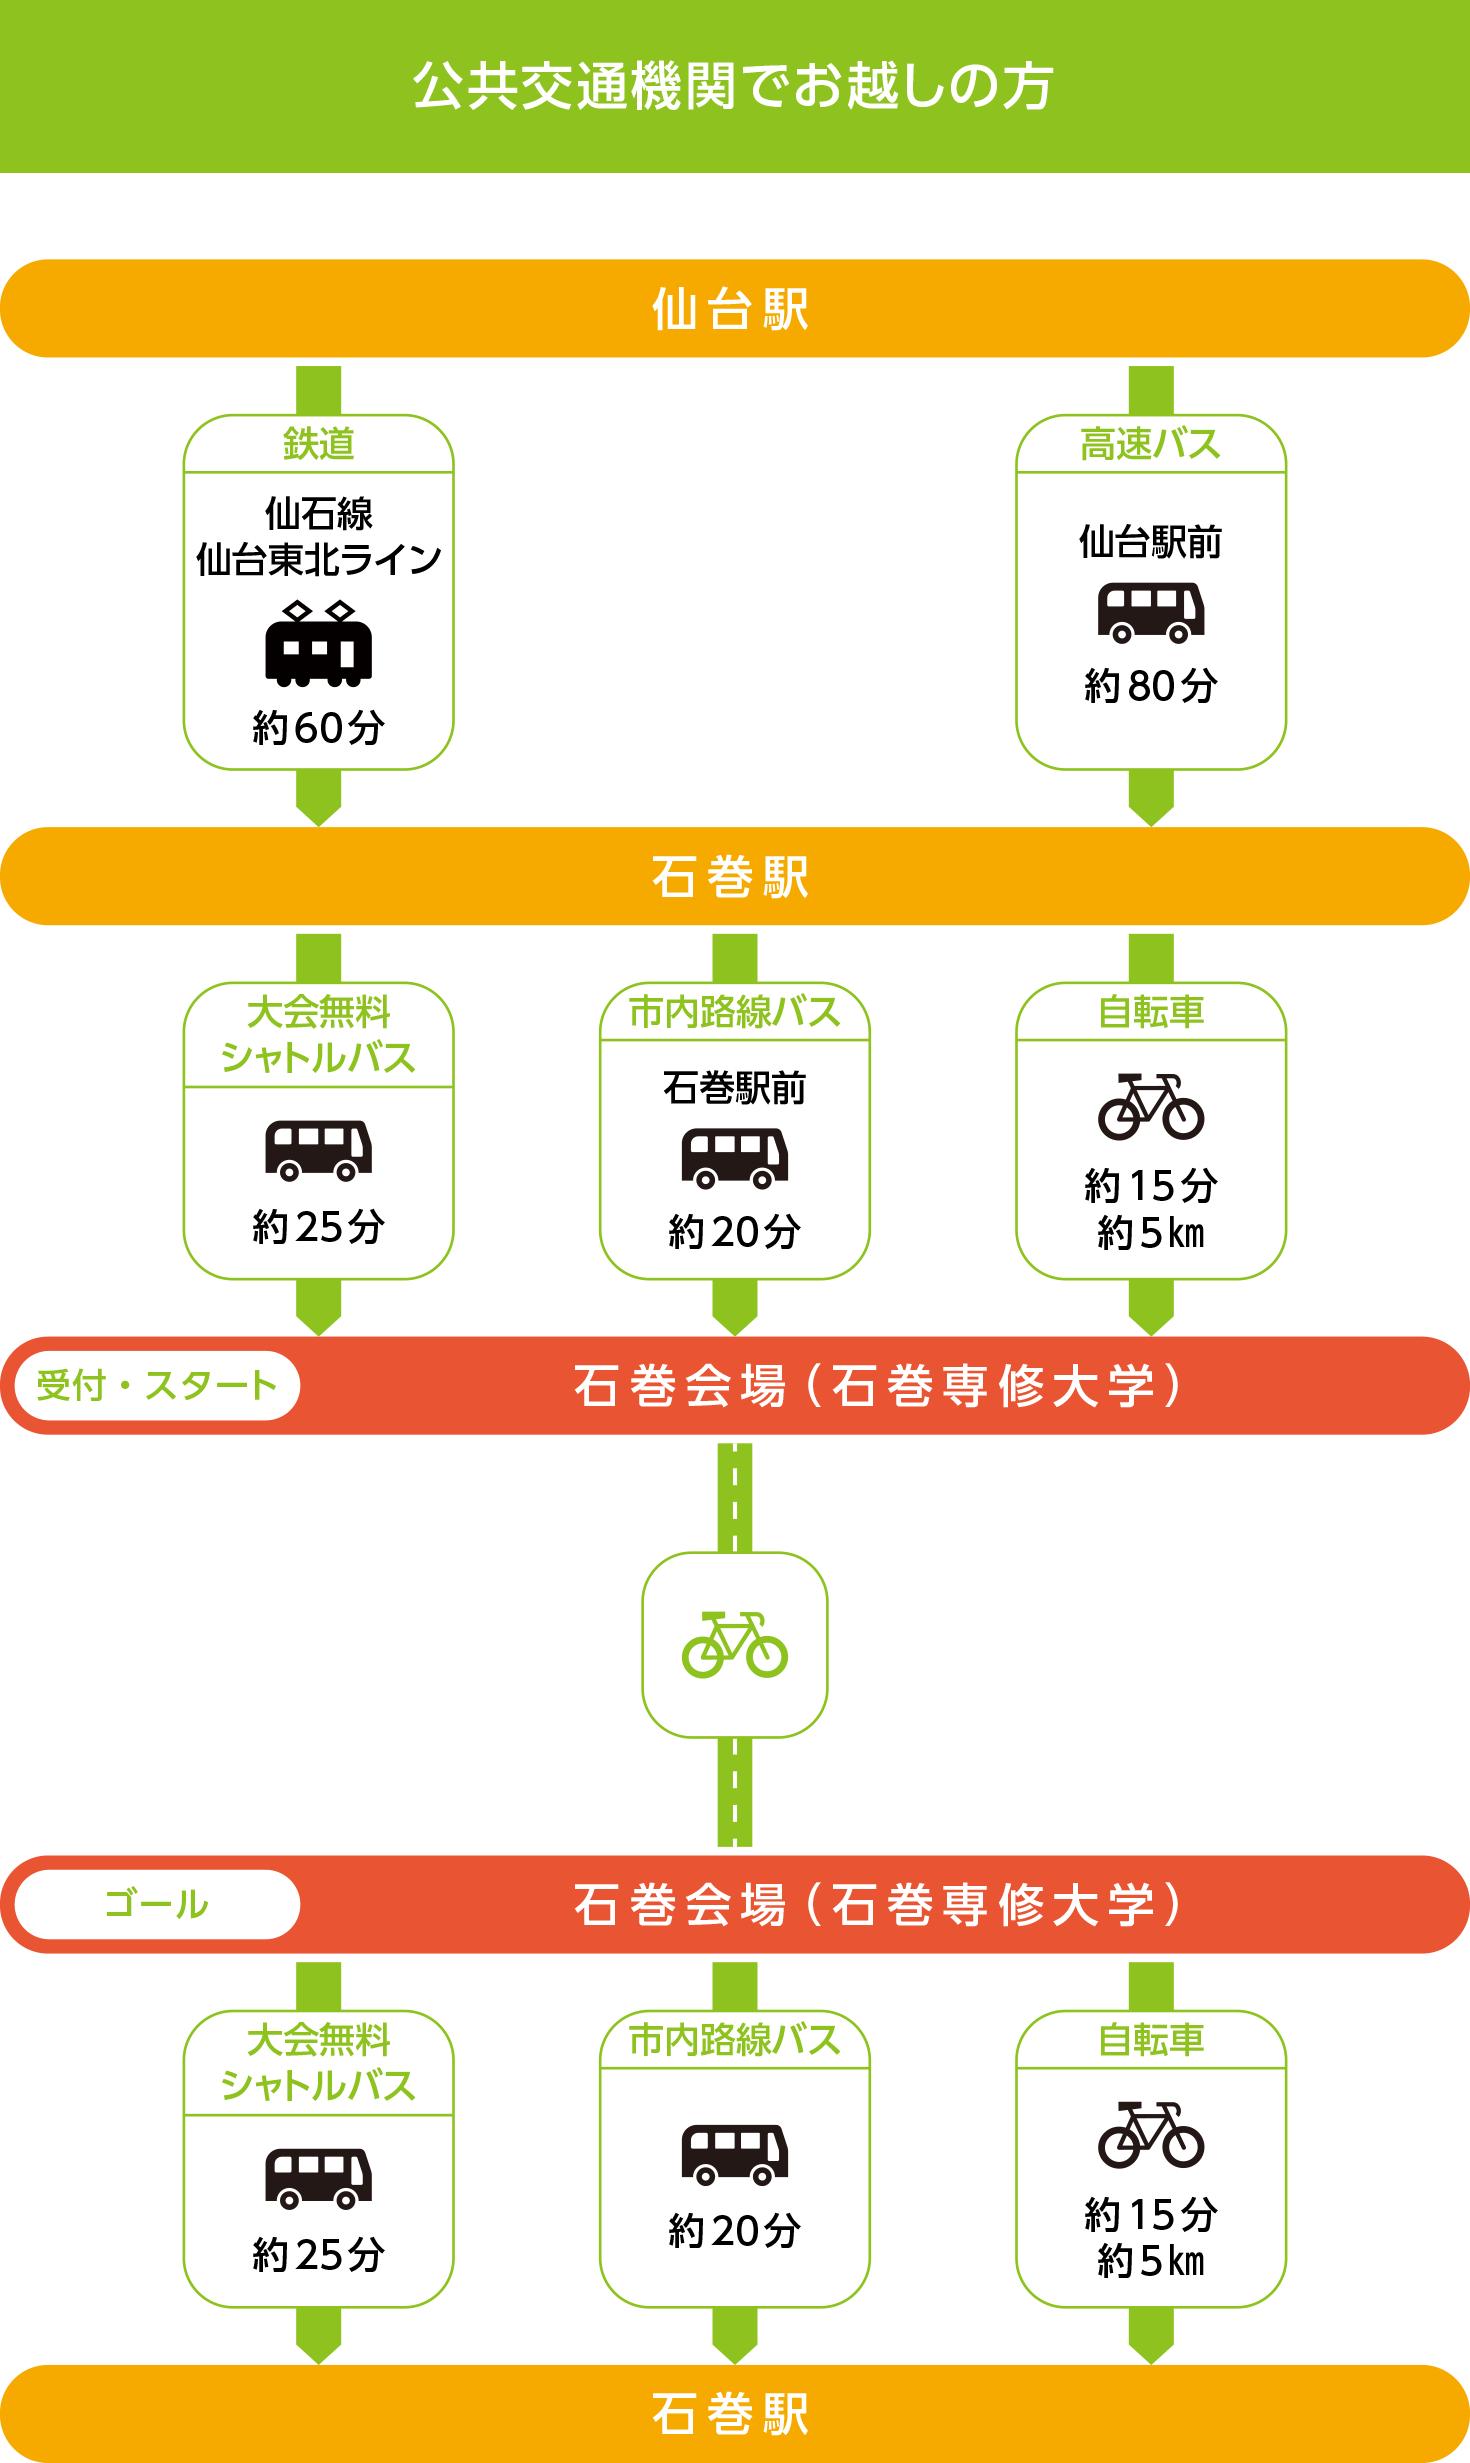 石巻会場 - 公共交通機関でお越しの方